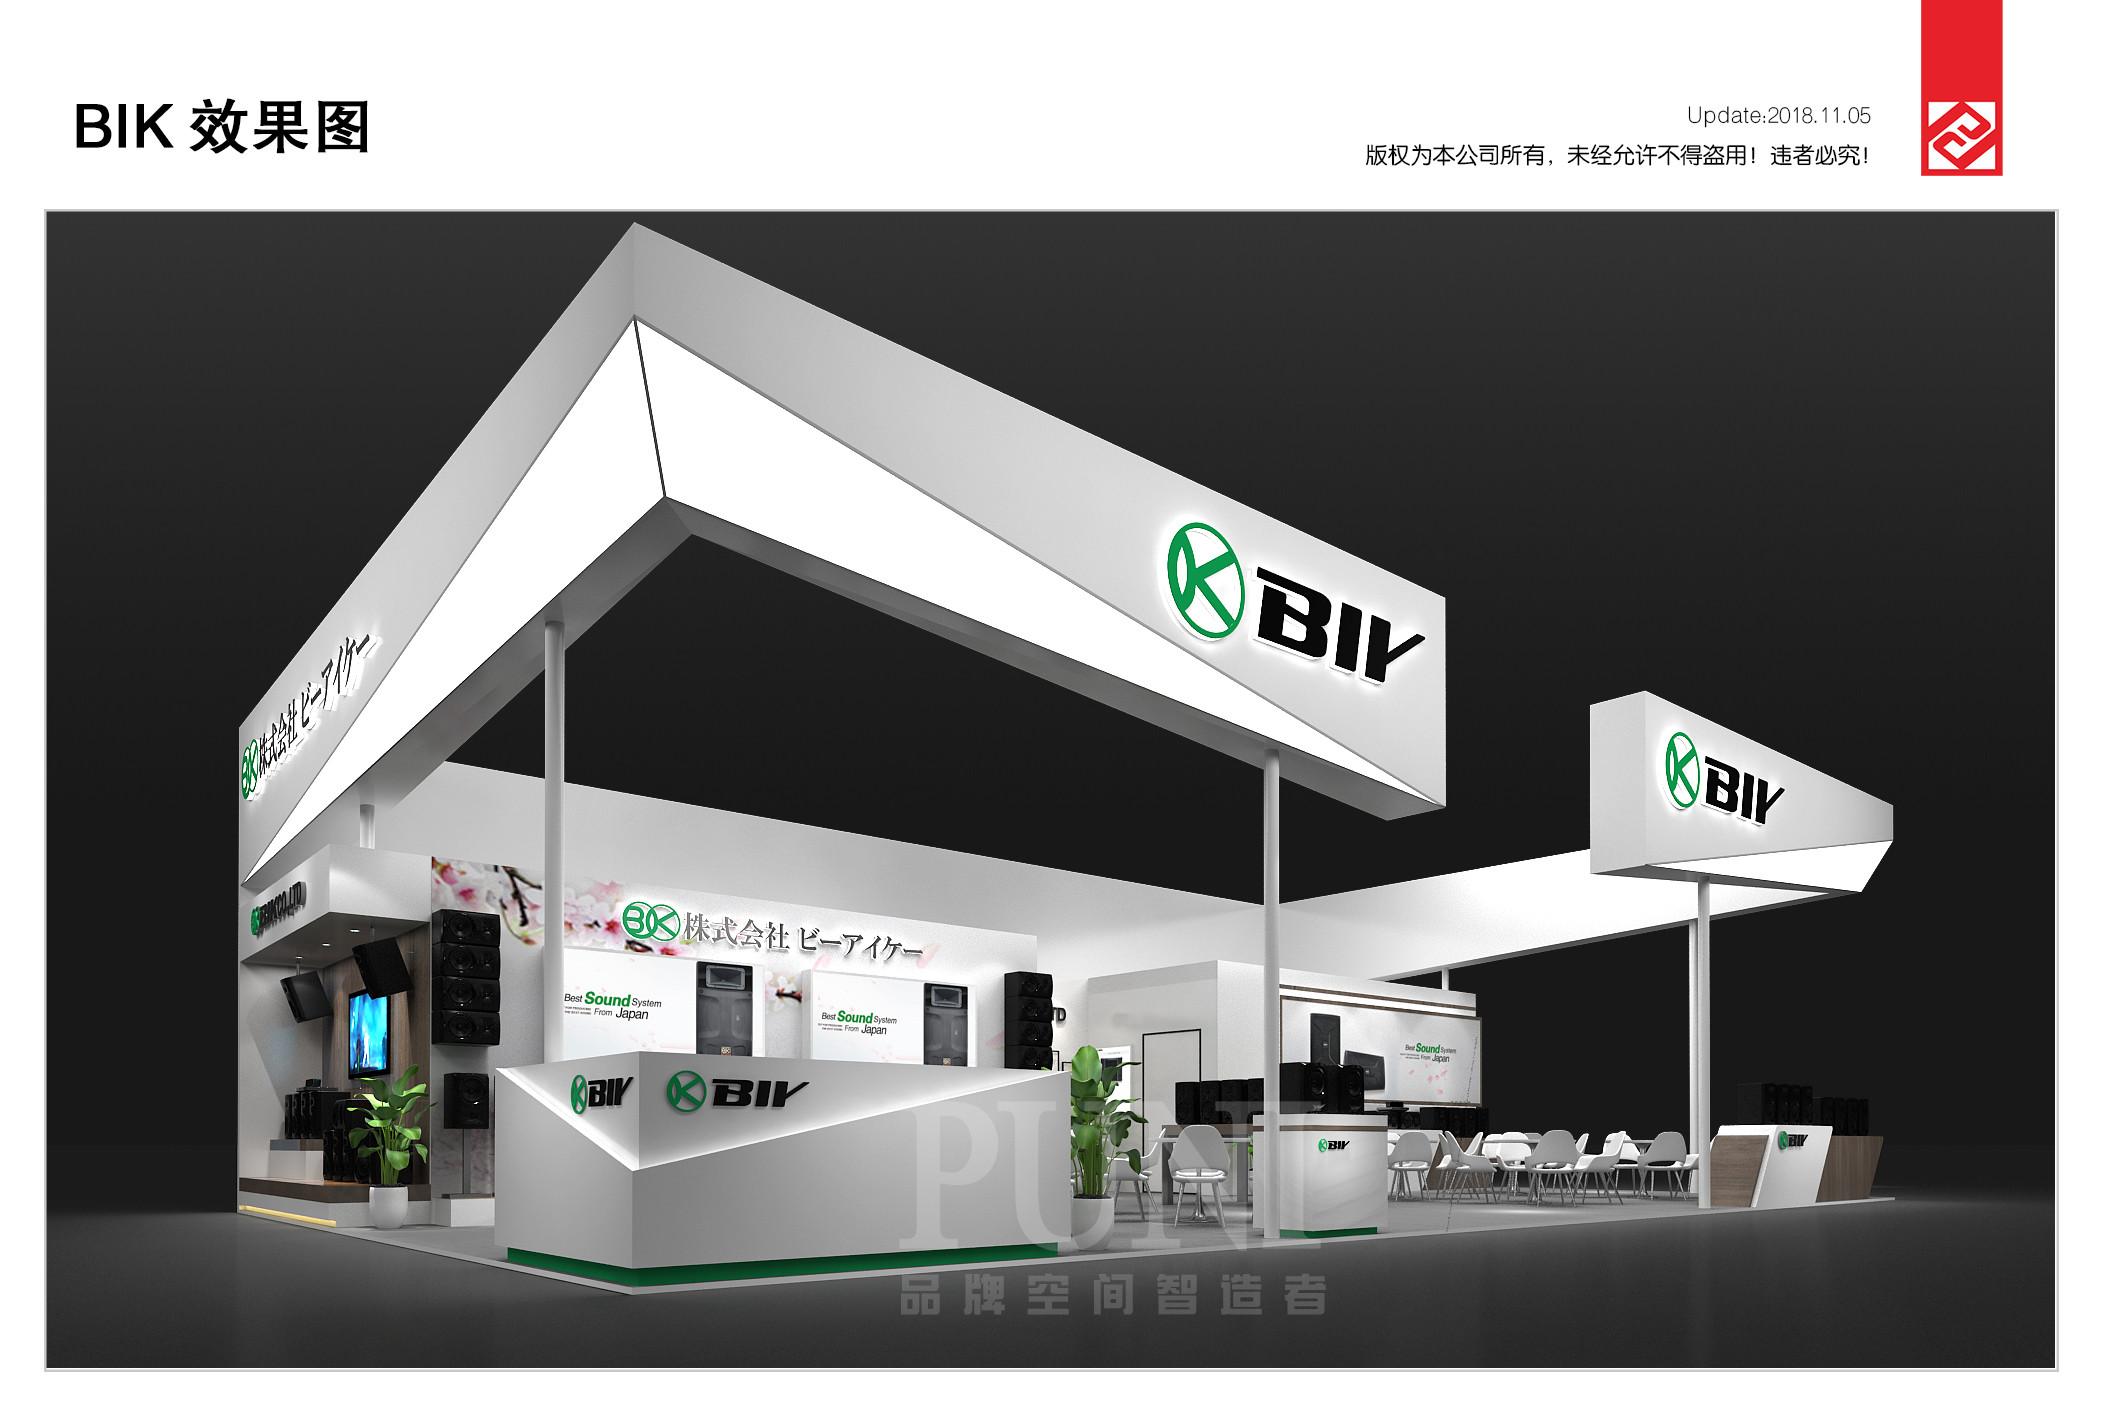 日本株式会社BIK展台设计